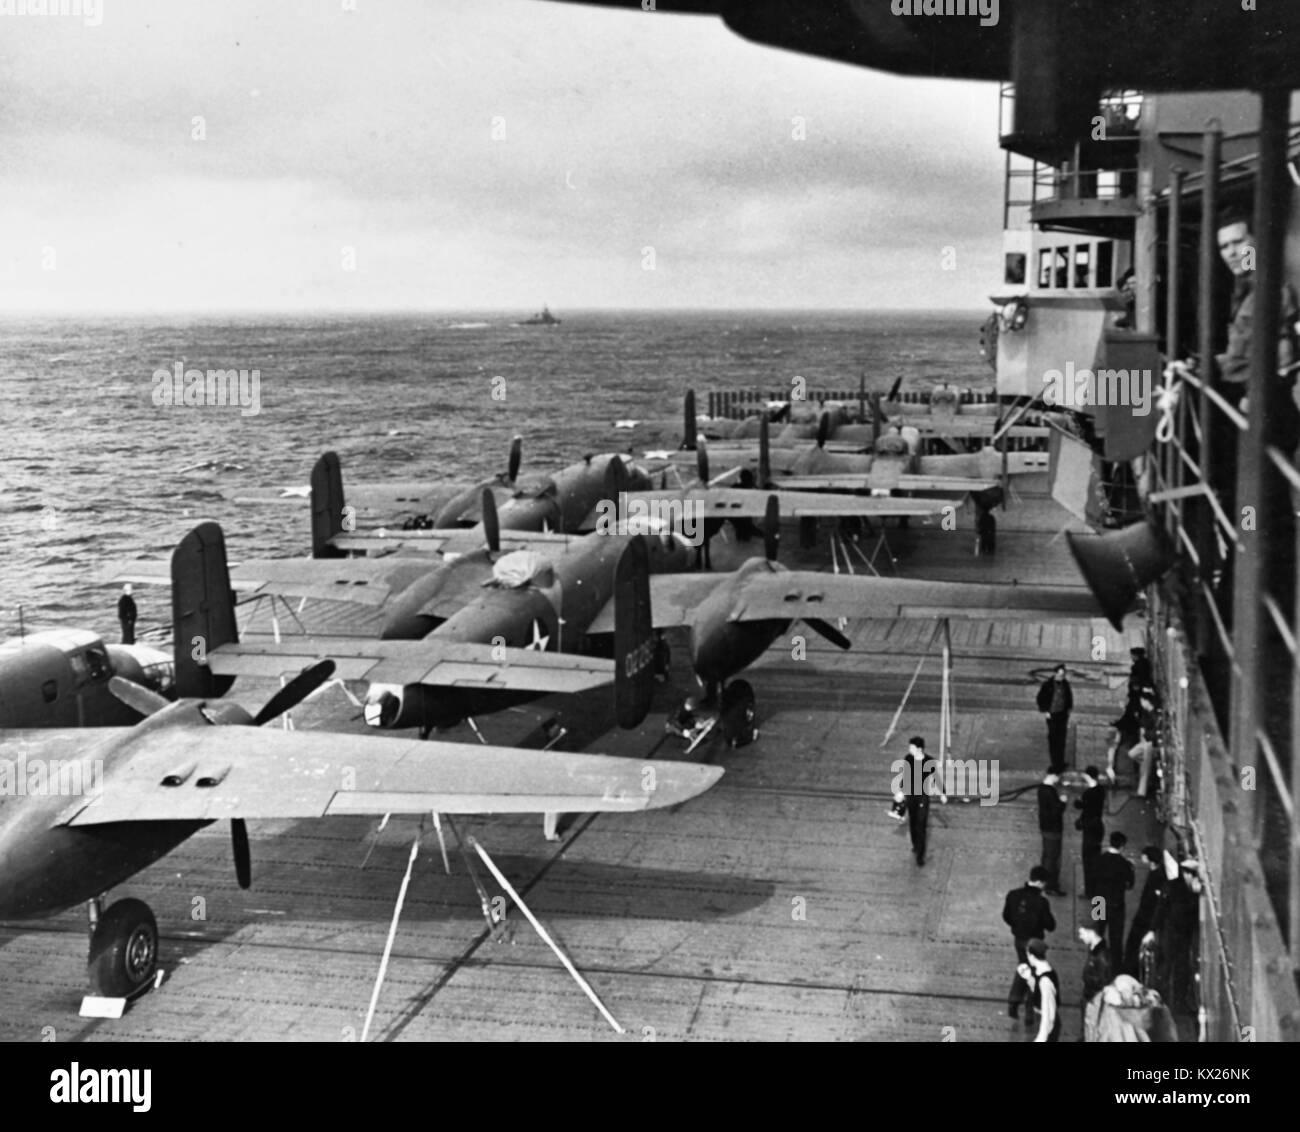 le raid de doolittle sur le japon  18 avril 1942